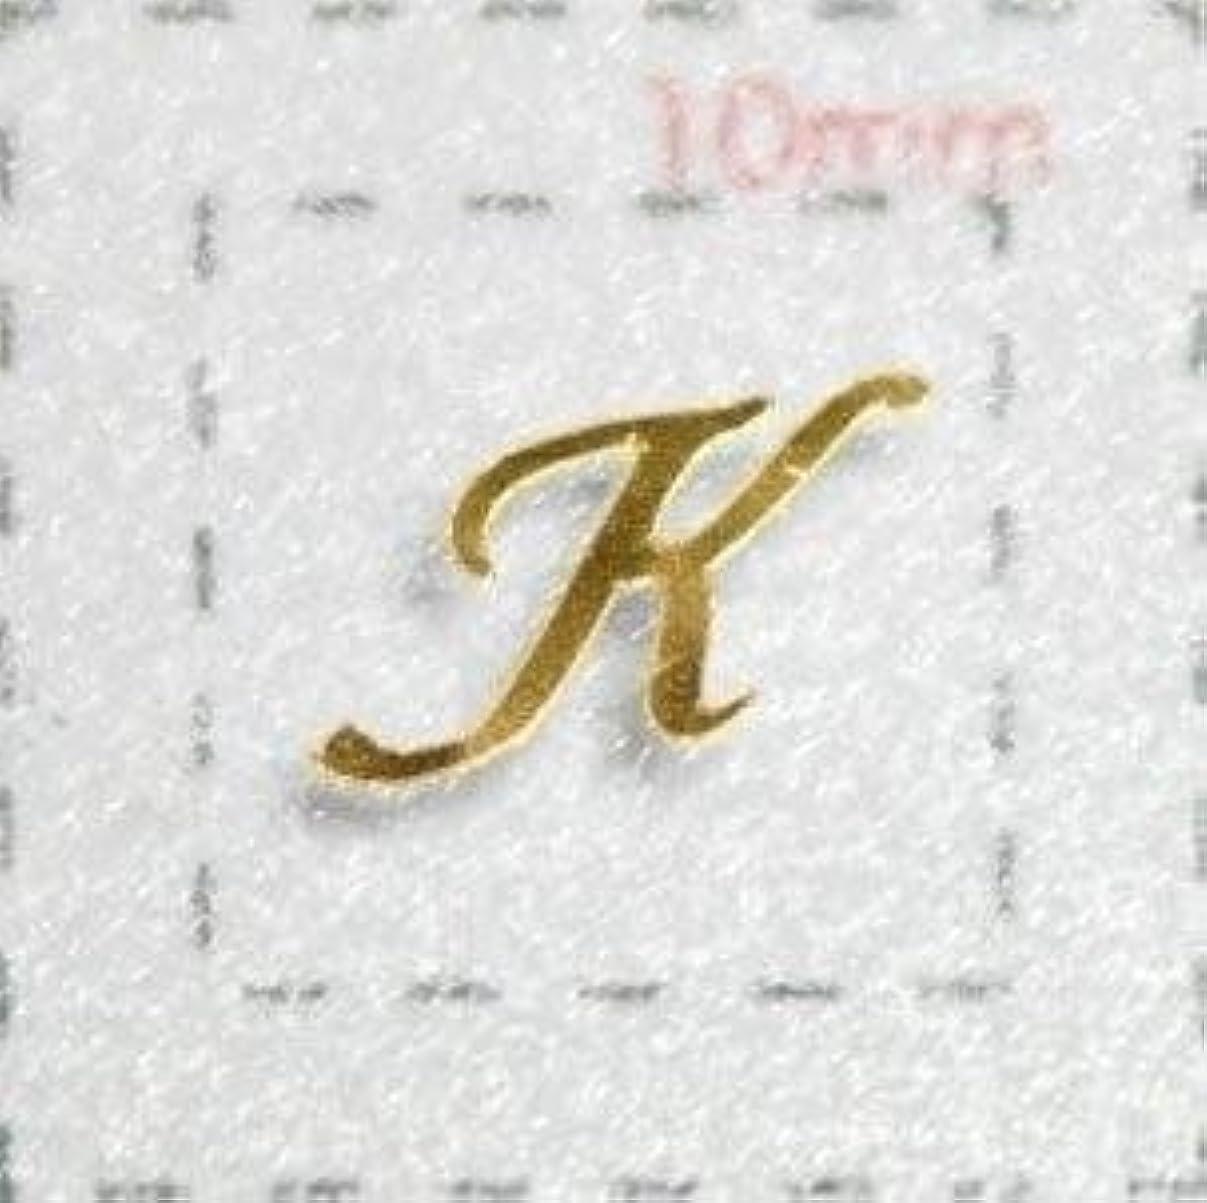 Nameネイルシール【アルファベット?イニシャル】大文字ゴールド( K )1シート9枚入